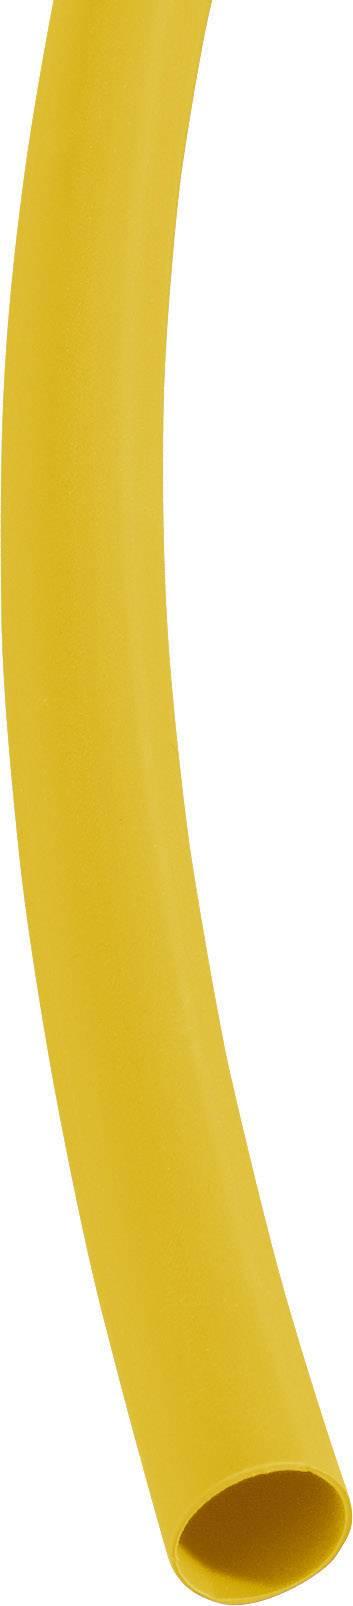 Zmršťovacia bužírka bez lepidla DSG Canusa DERAY-I3000 3290060103, 3:1, 6.40 mm, žltá, metrový tovar